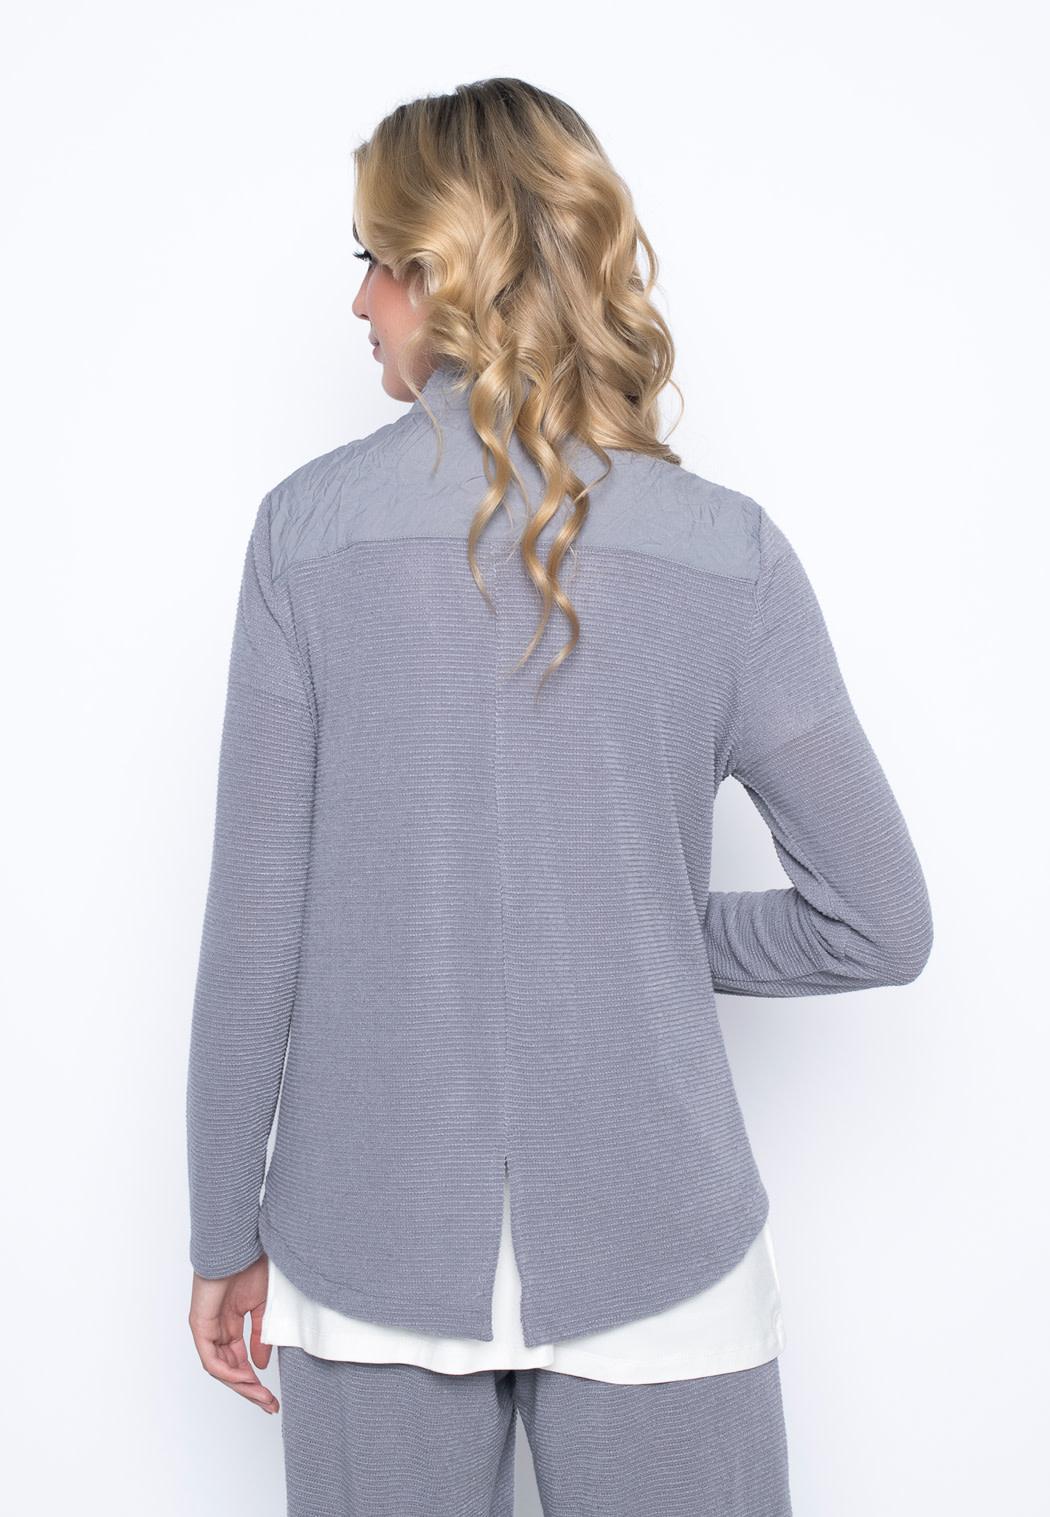 Zip Front Stand Collar Jacket - BLACK